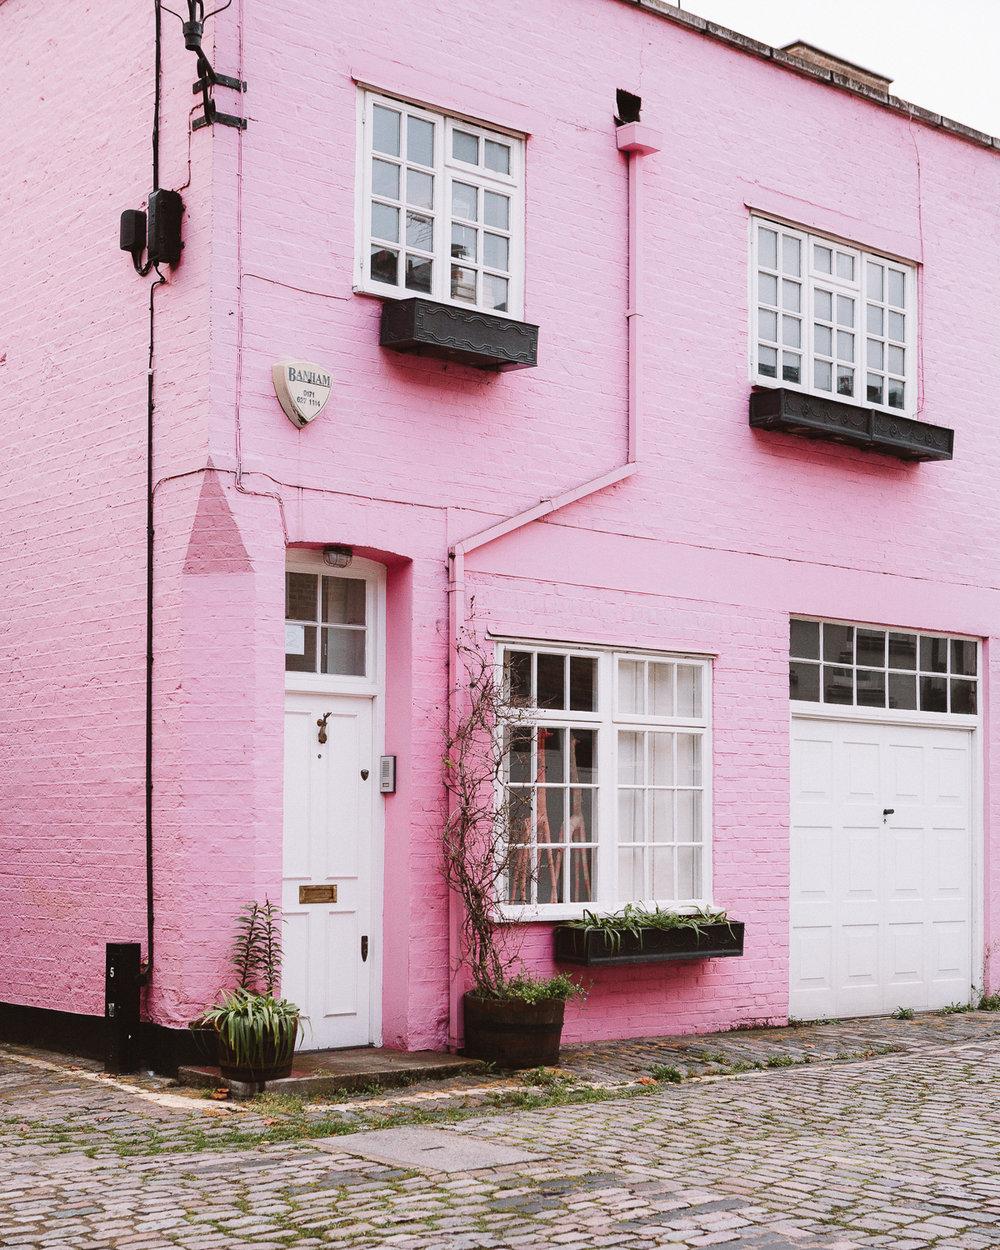 NinaTekwani_London in Pink_6.jpg